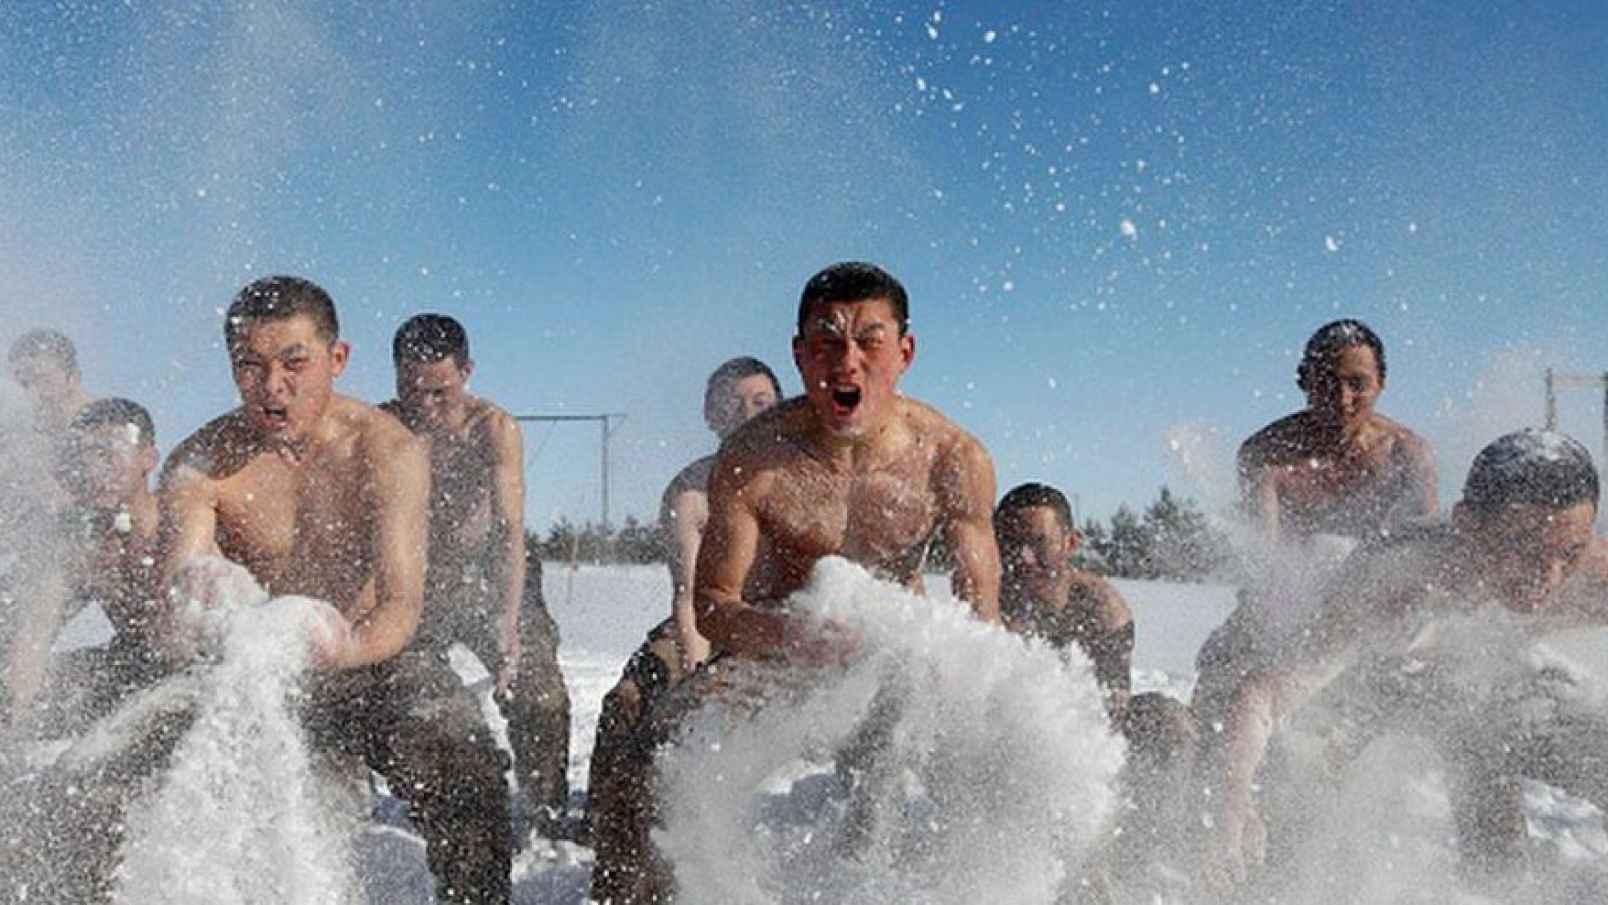 Пока в Америке прославляют женоподобных мужчин, Россия и Китай пропагандируют мужество